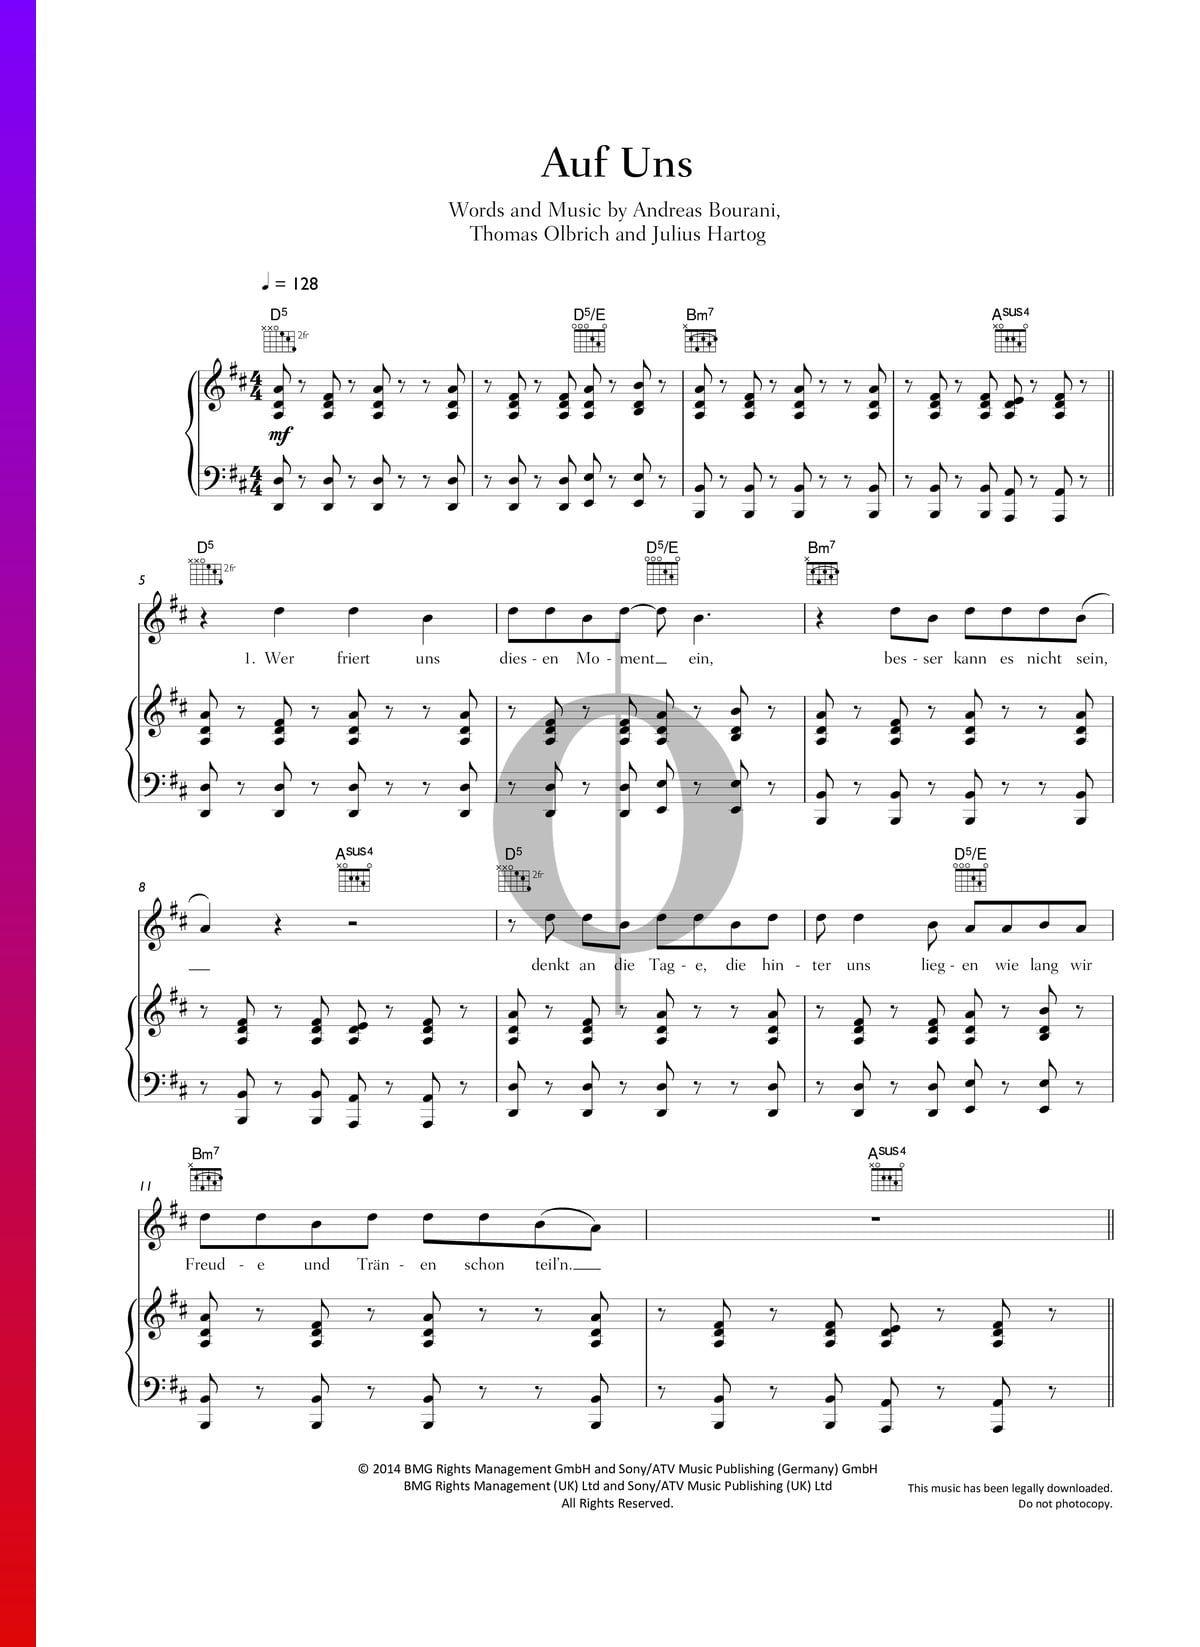 Auf uns von Andreas Bourani – Klaviernoten – R.E. St